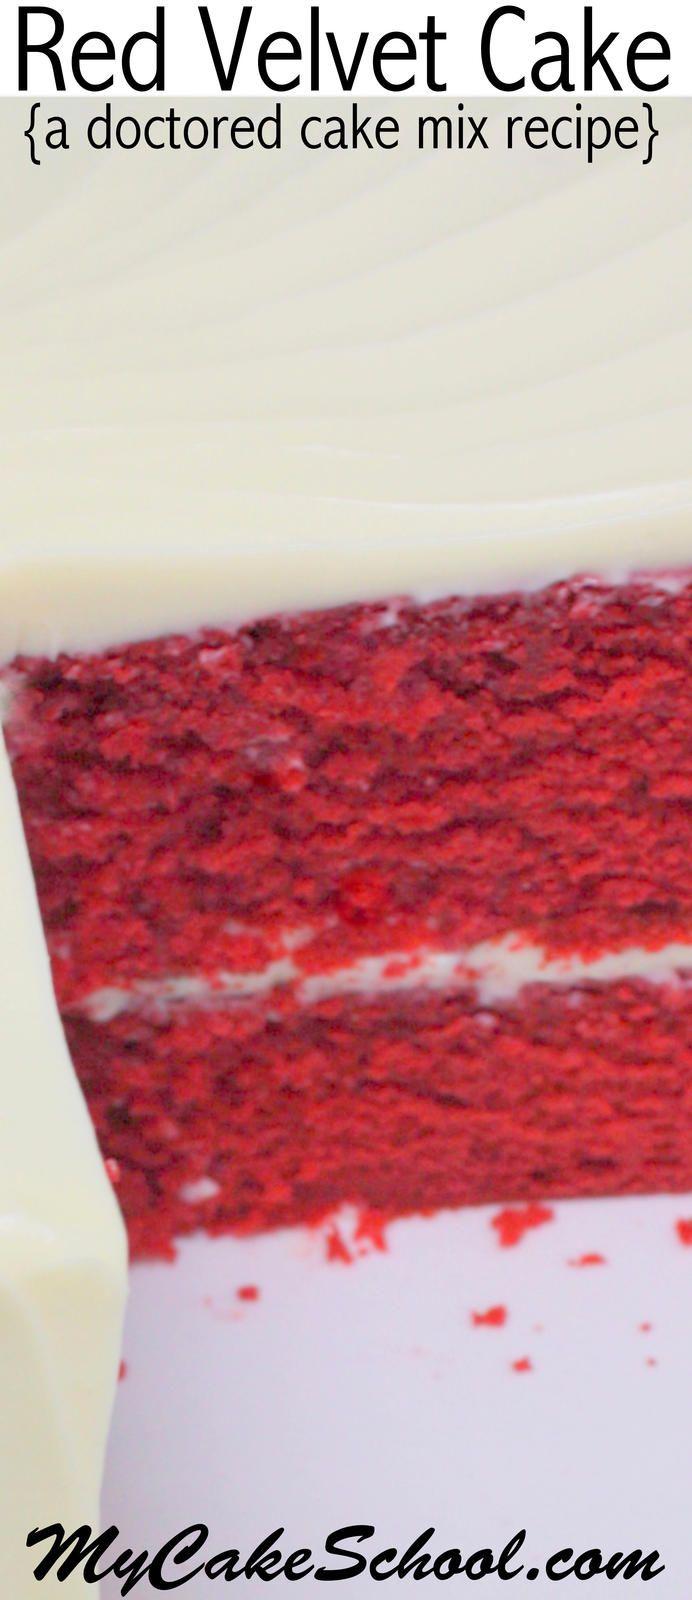 Doctored Red Velvet Cake Mix Recipe